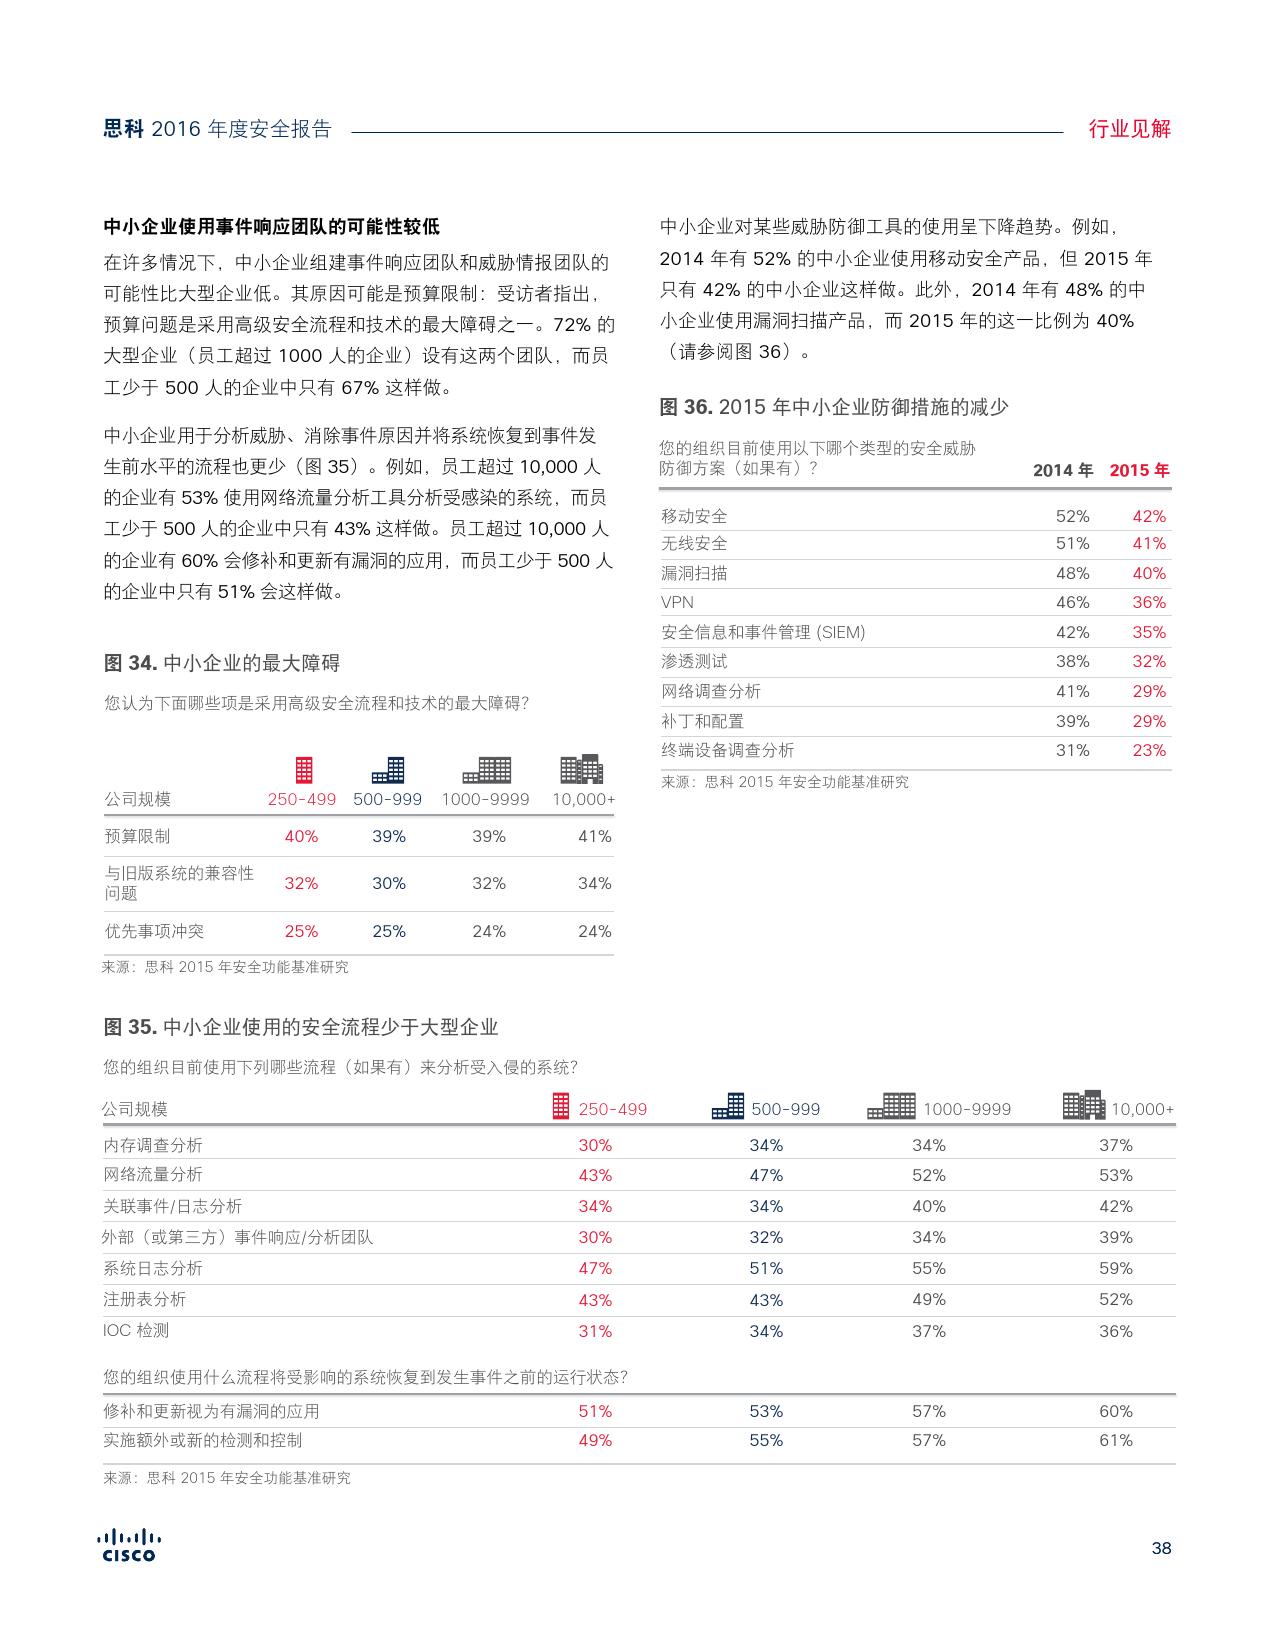 2016年中网络安全报告_000038